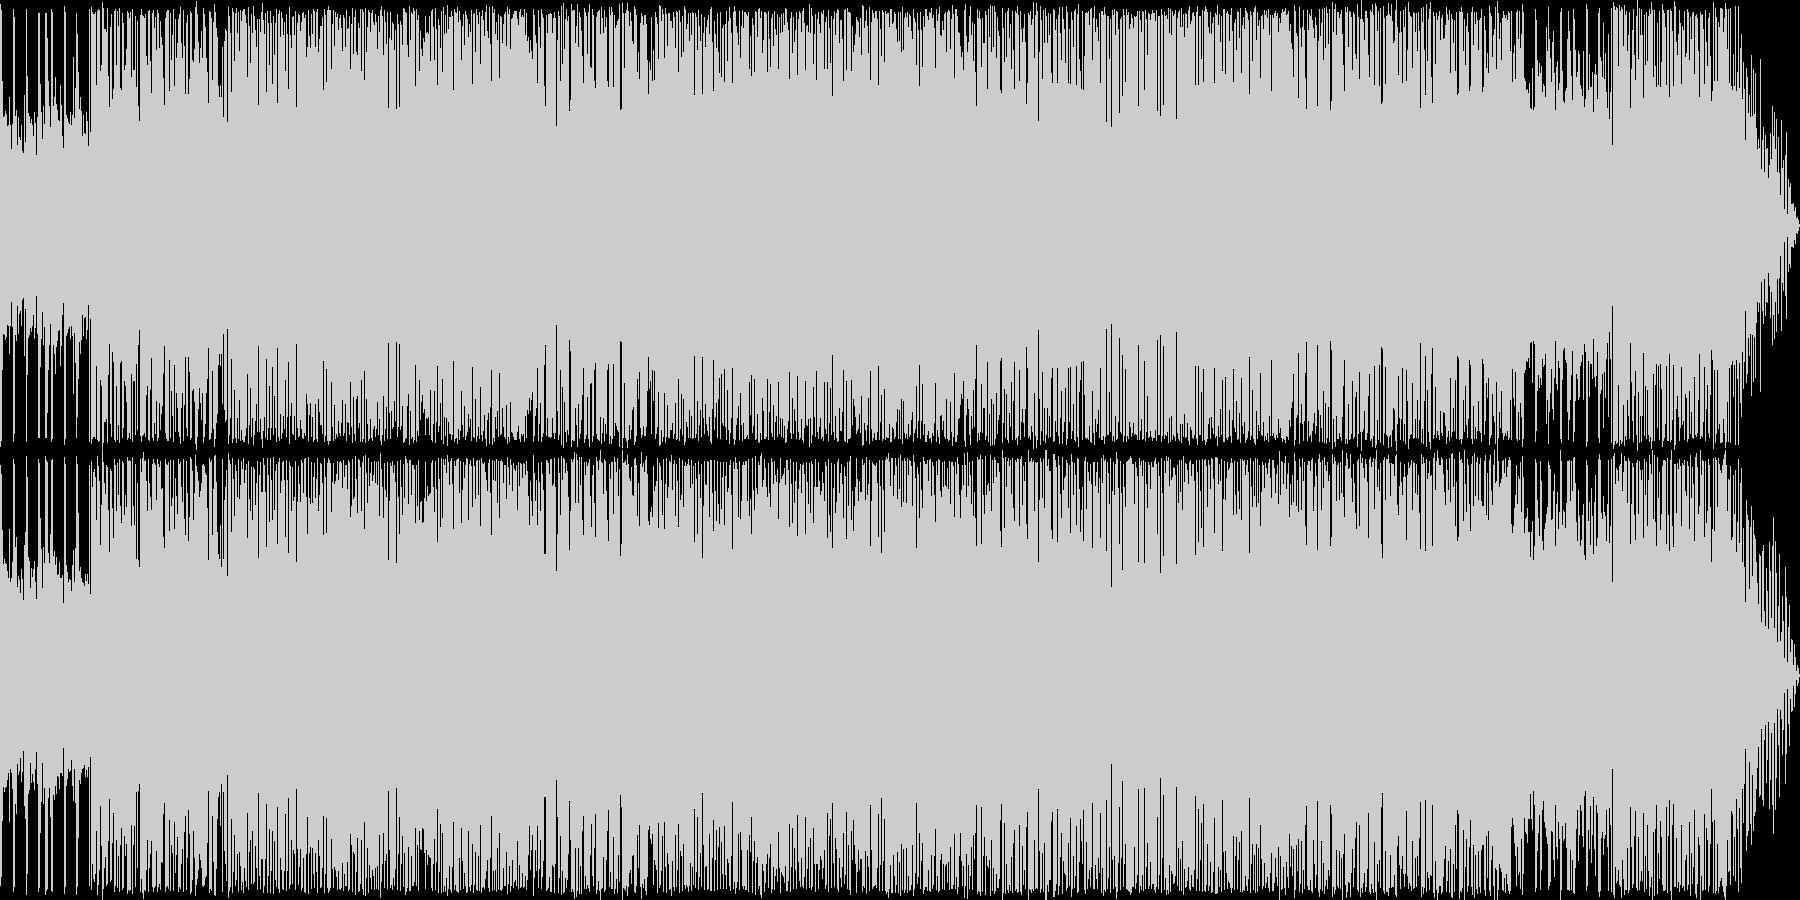 ハイテンションなハードロックの未再生の波形